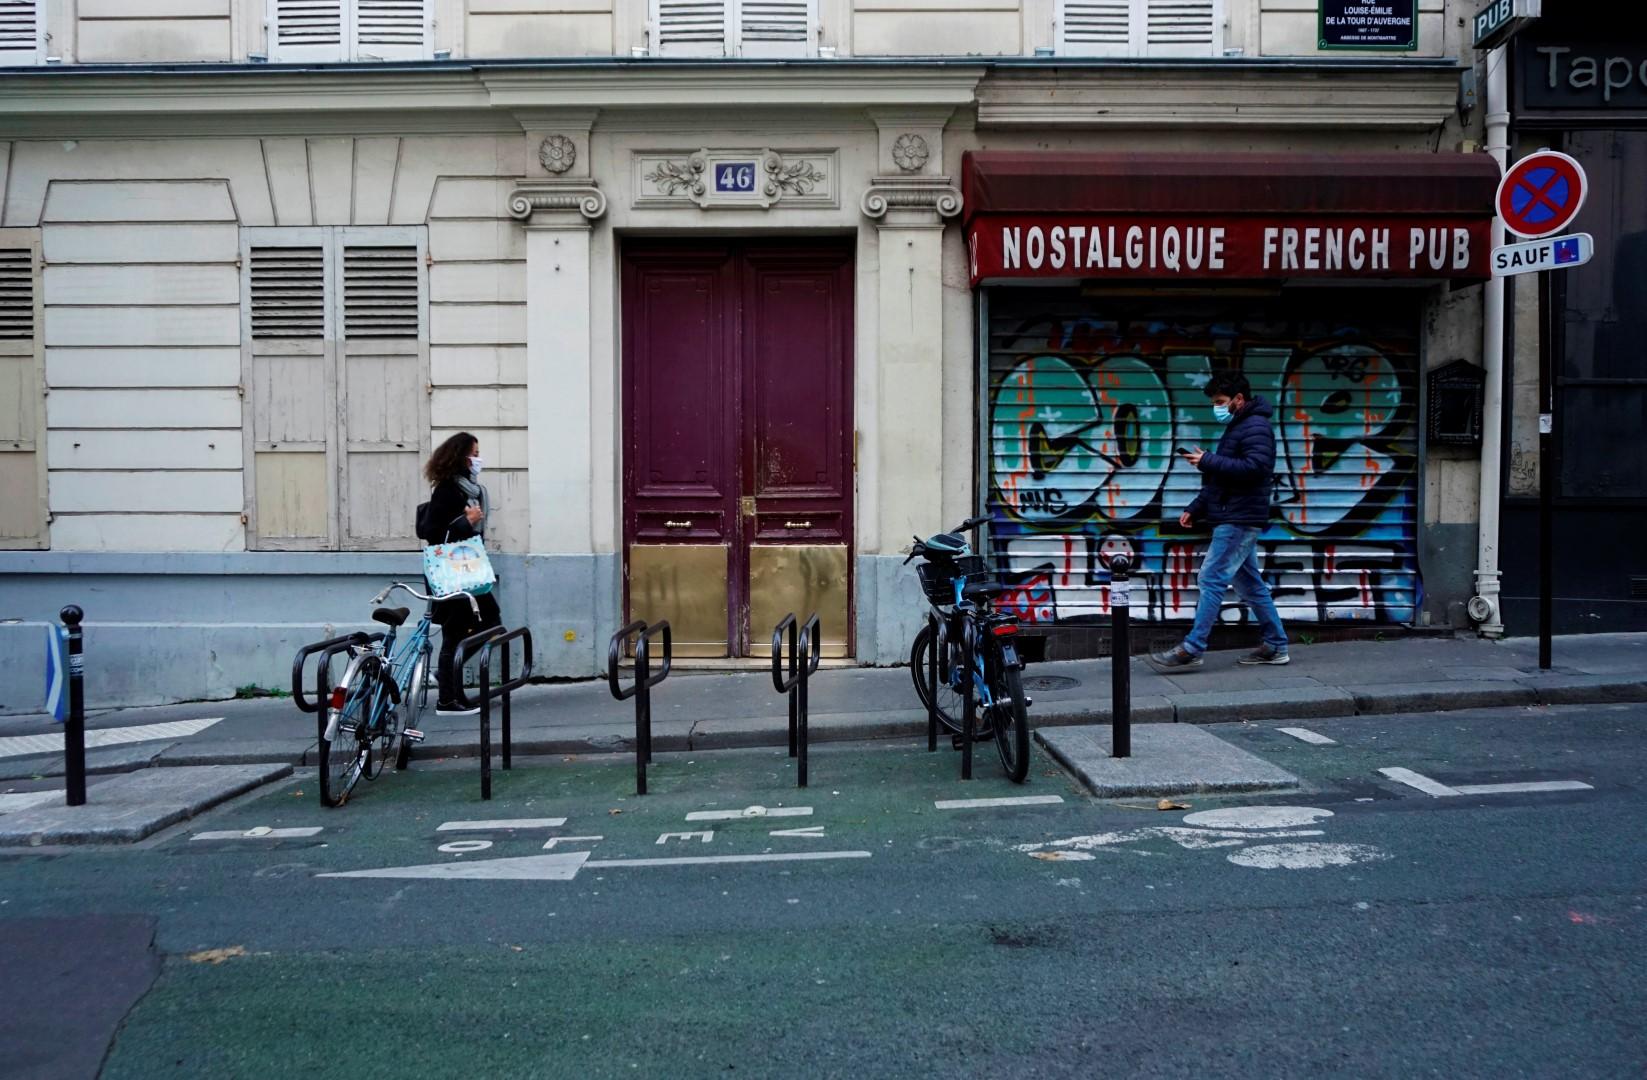 Vers la rue des Martyrs - Balade dans les 9e et 10e arrondissements de Paris - De place de la République à Pigalle